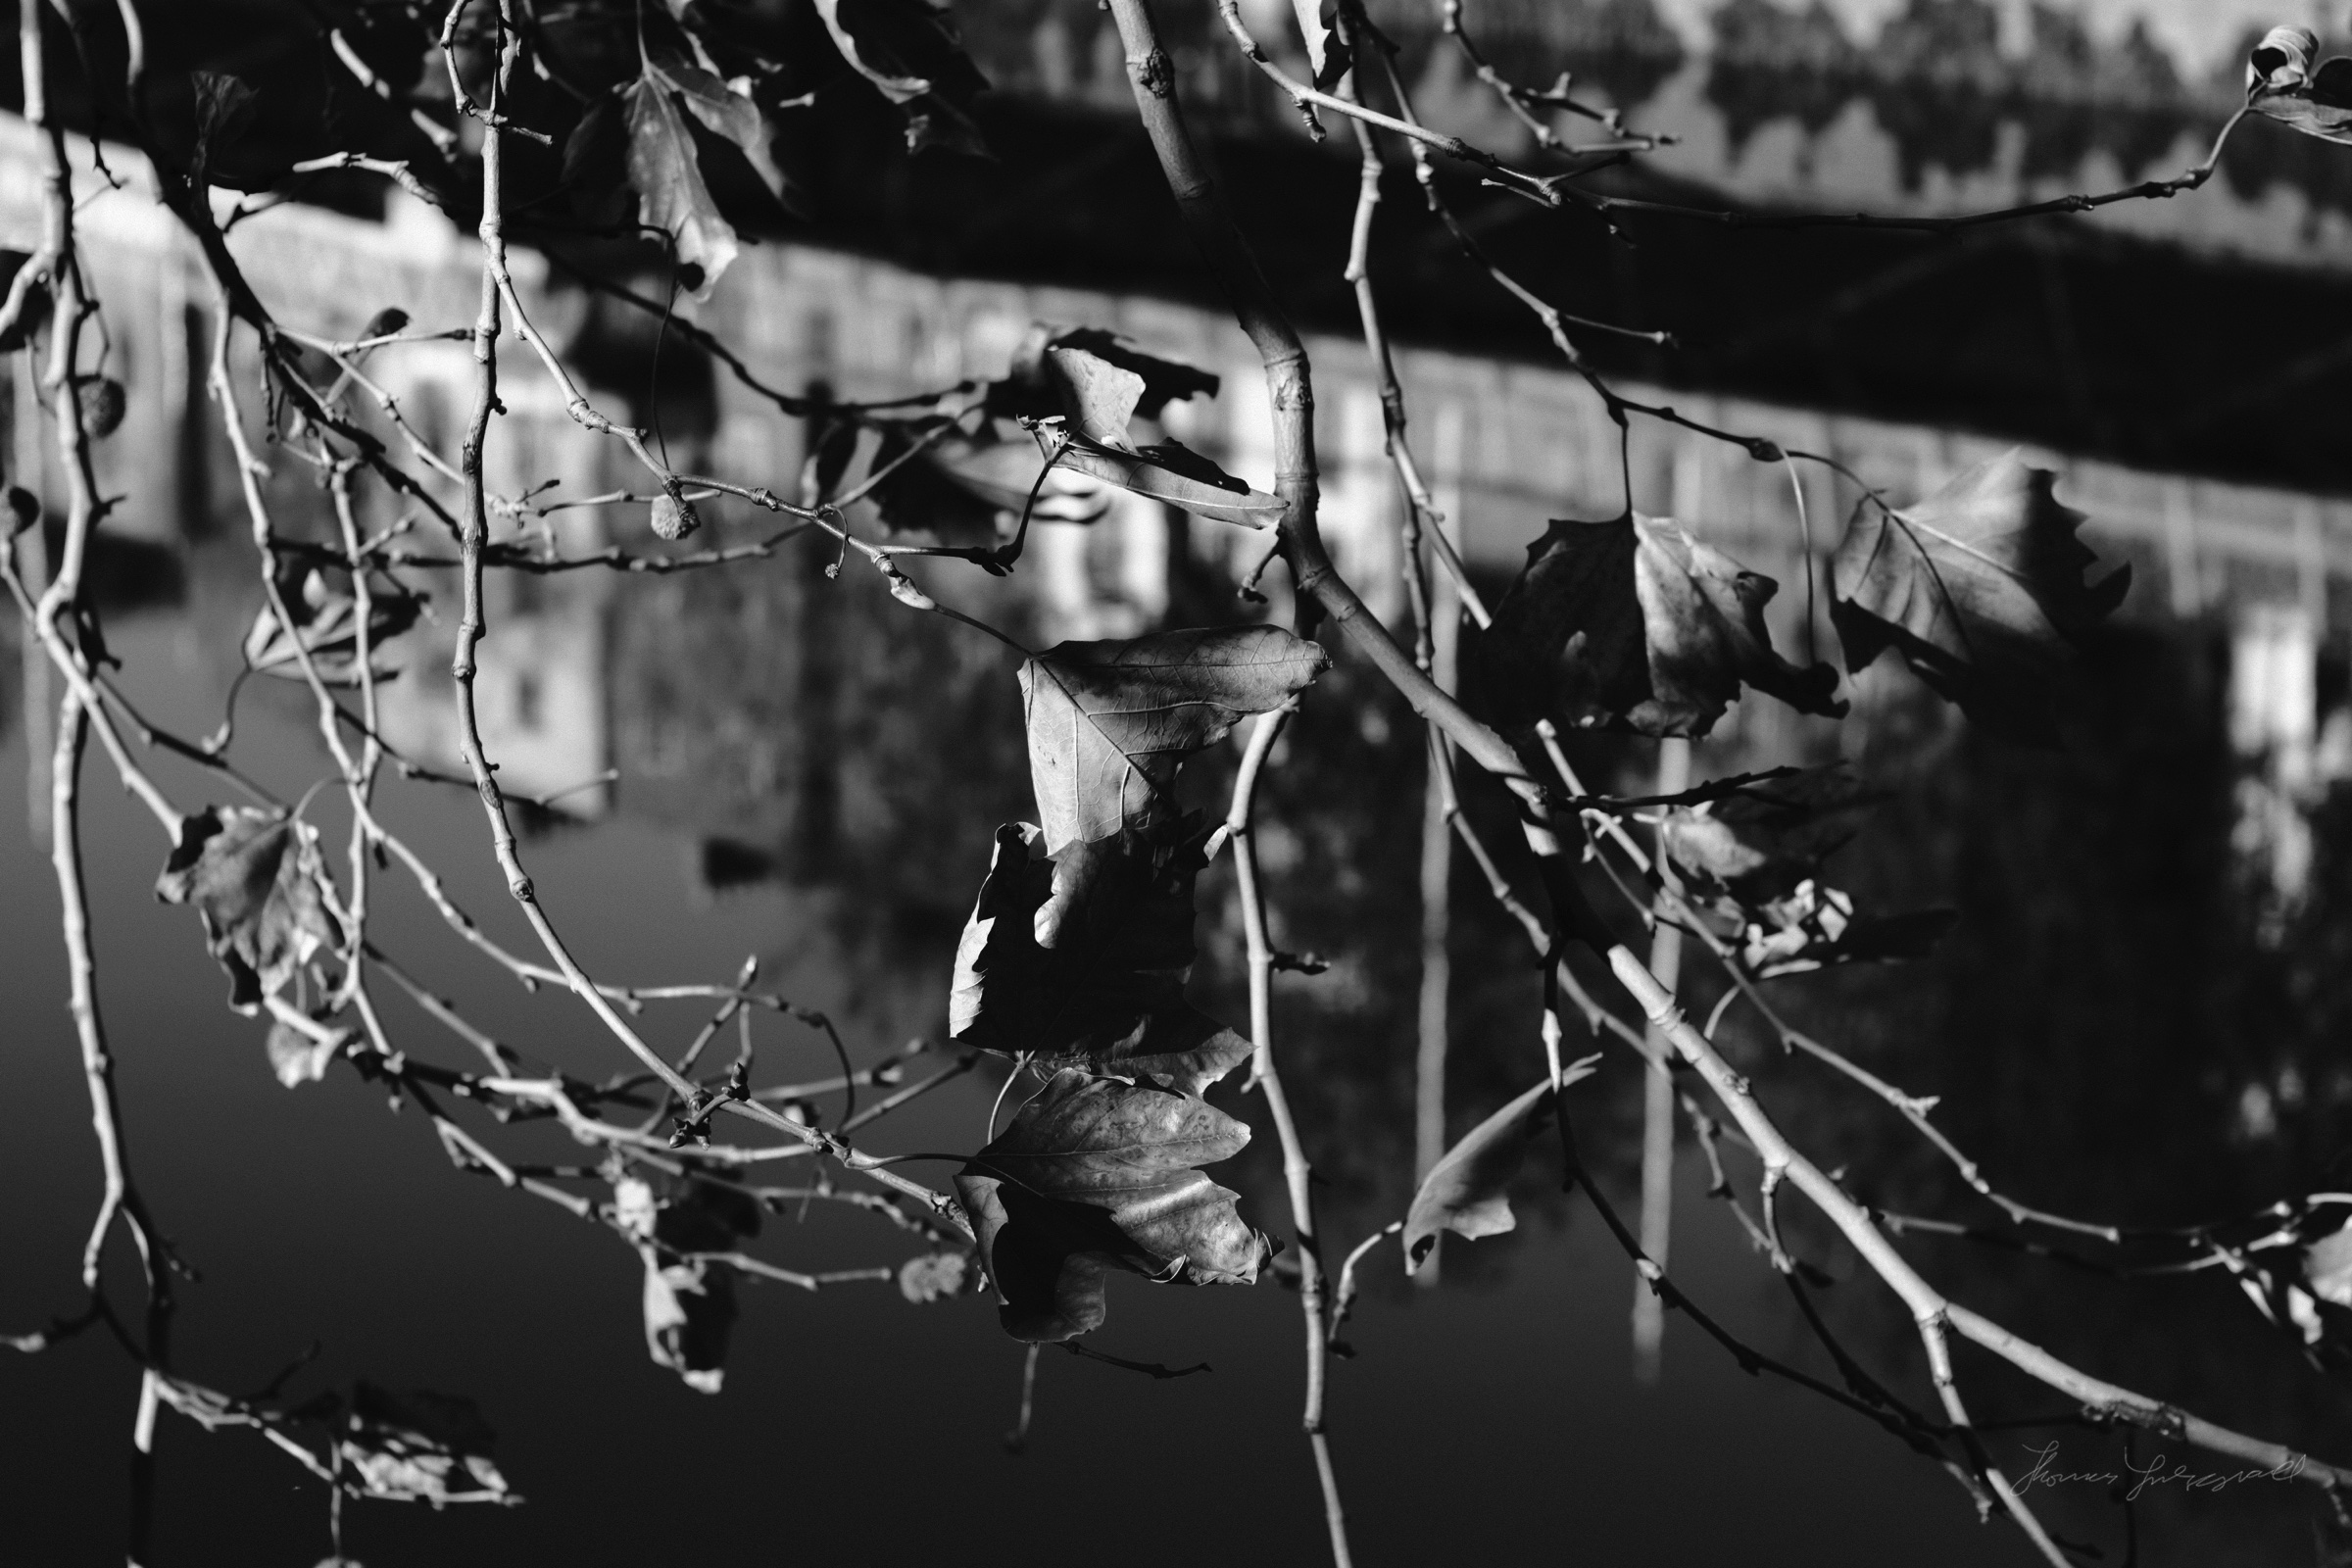 Street-Photography-Dublin-X-Pro2-Acros-018.jpg